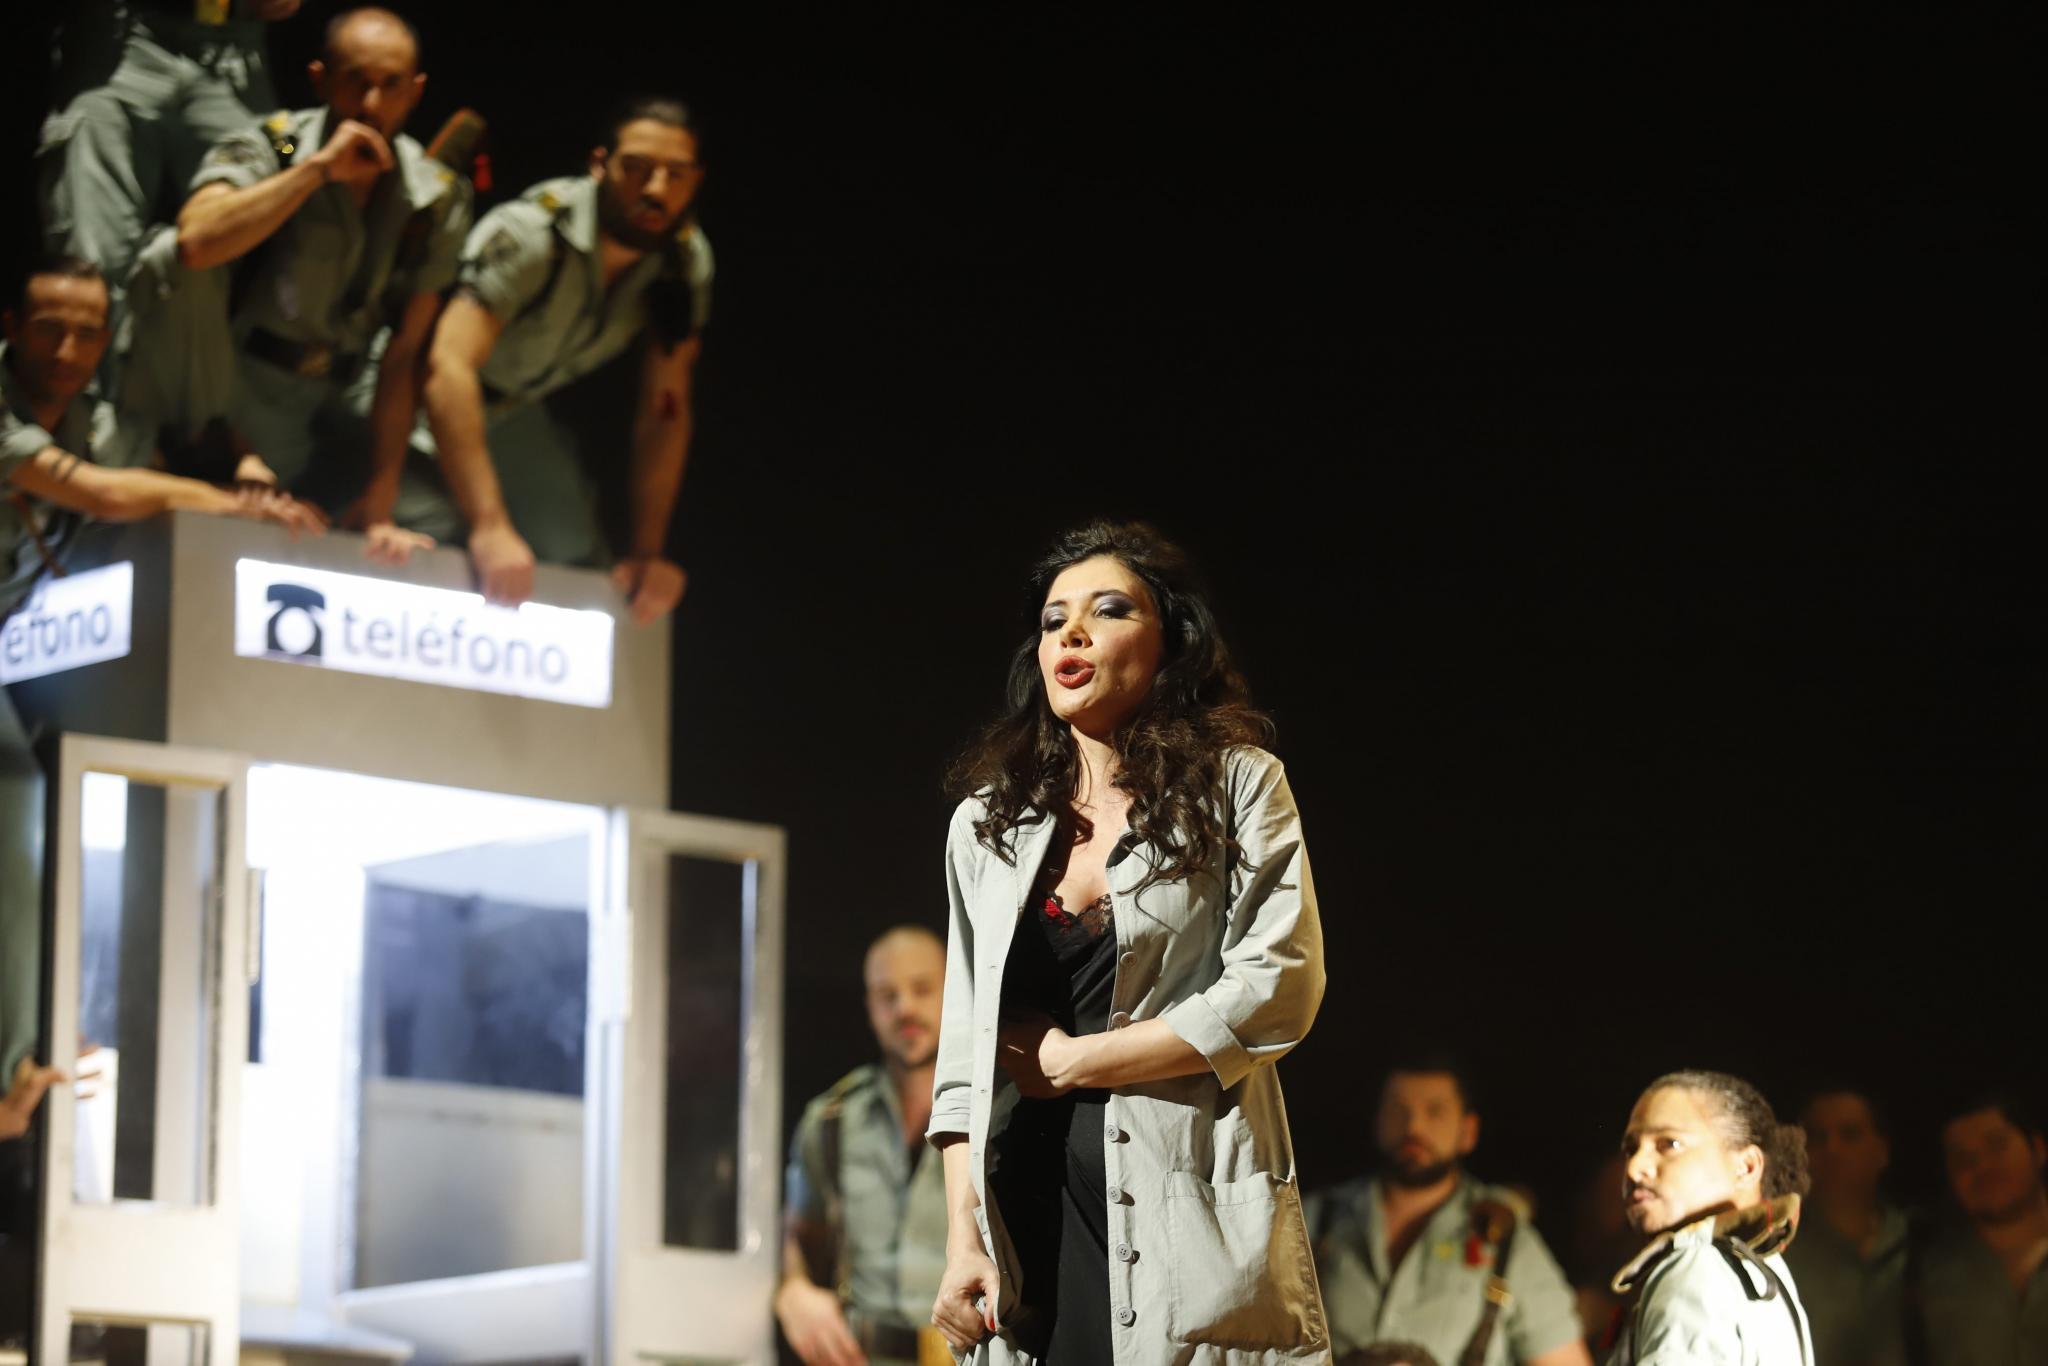 PALMA. OPERA. ` Carmen ¿ triunfa en su estreno con un Teatre Principal lleno hasta la bandera.